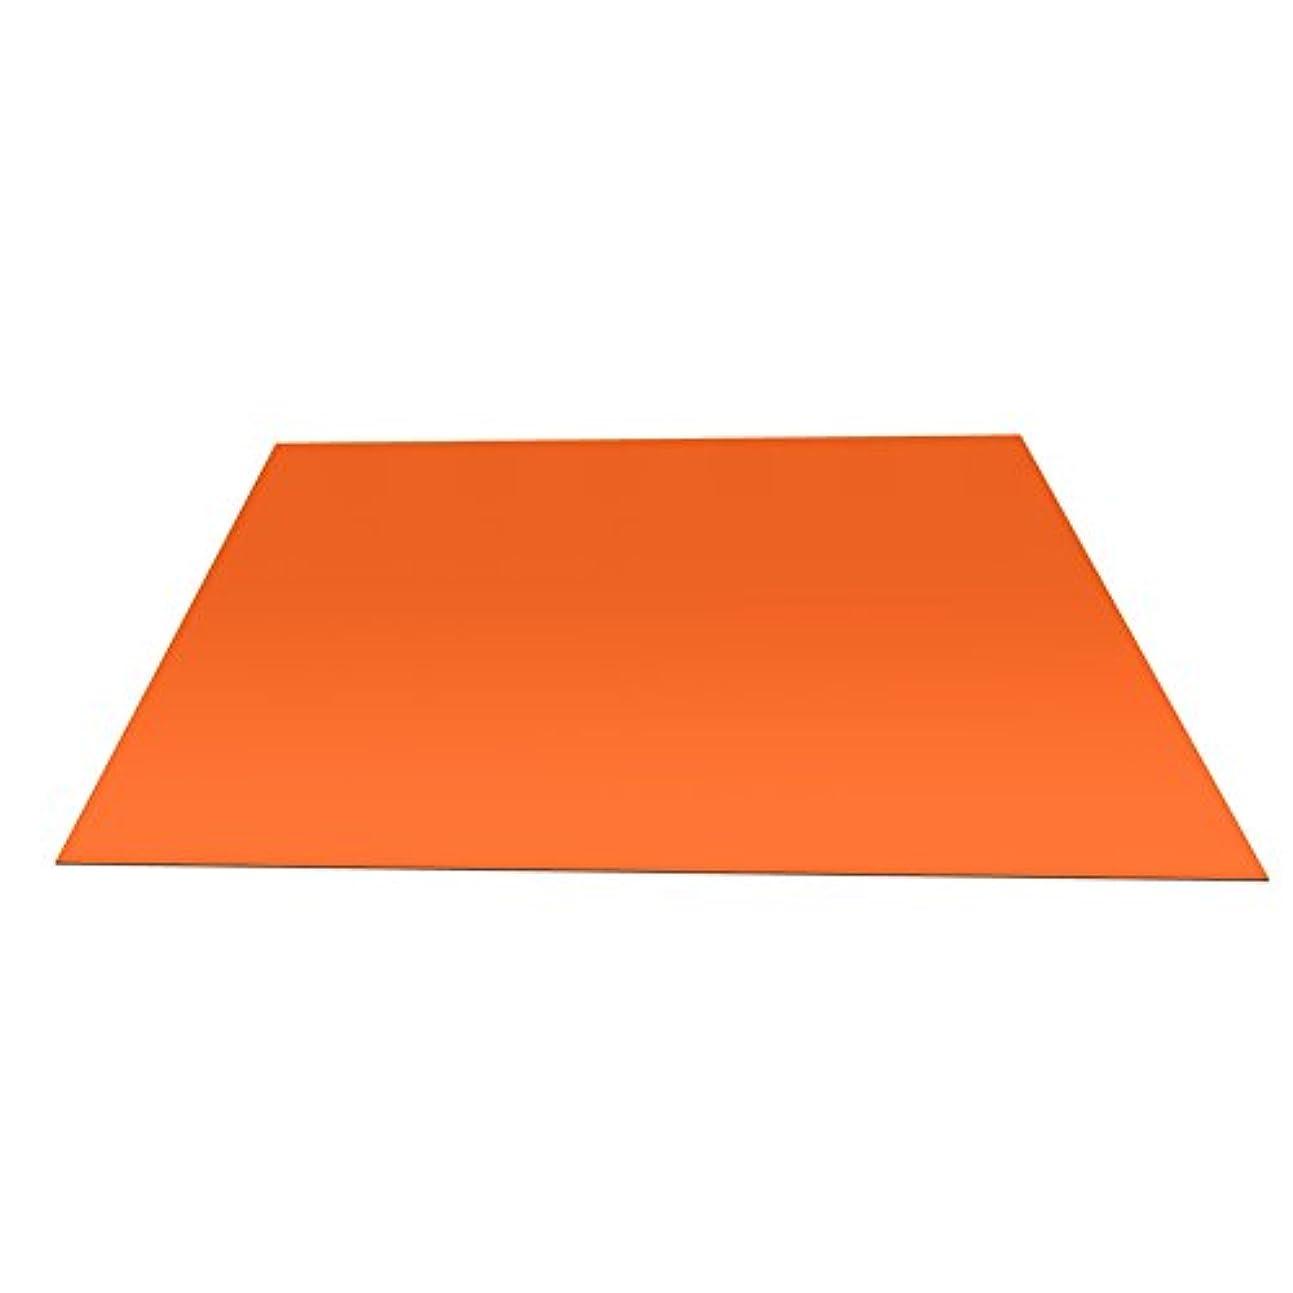 偽善者同じ適応Eboxer 緊急ブランケット 1人用 防災用品 軽量 持ち運び便利 繰り返す使用可能 保温 オレンジ色